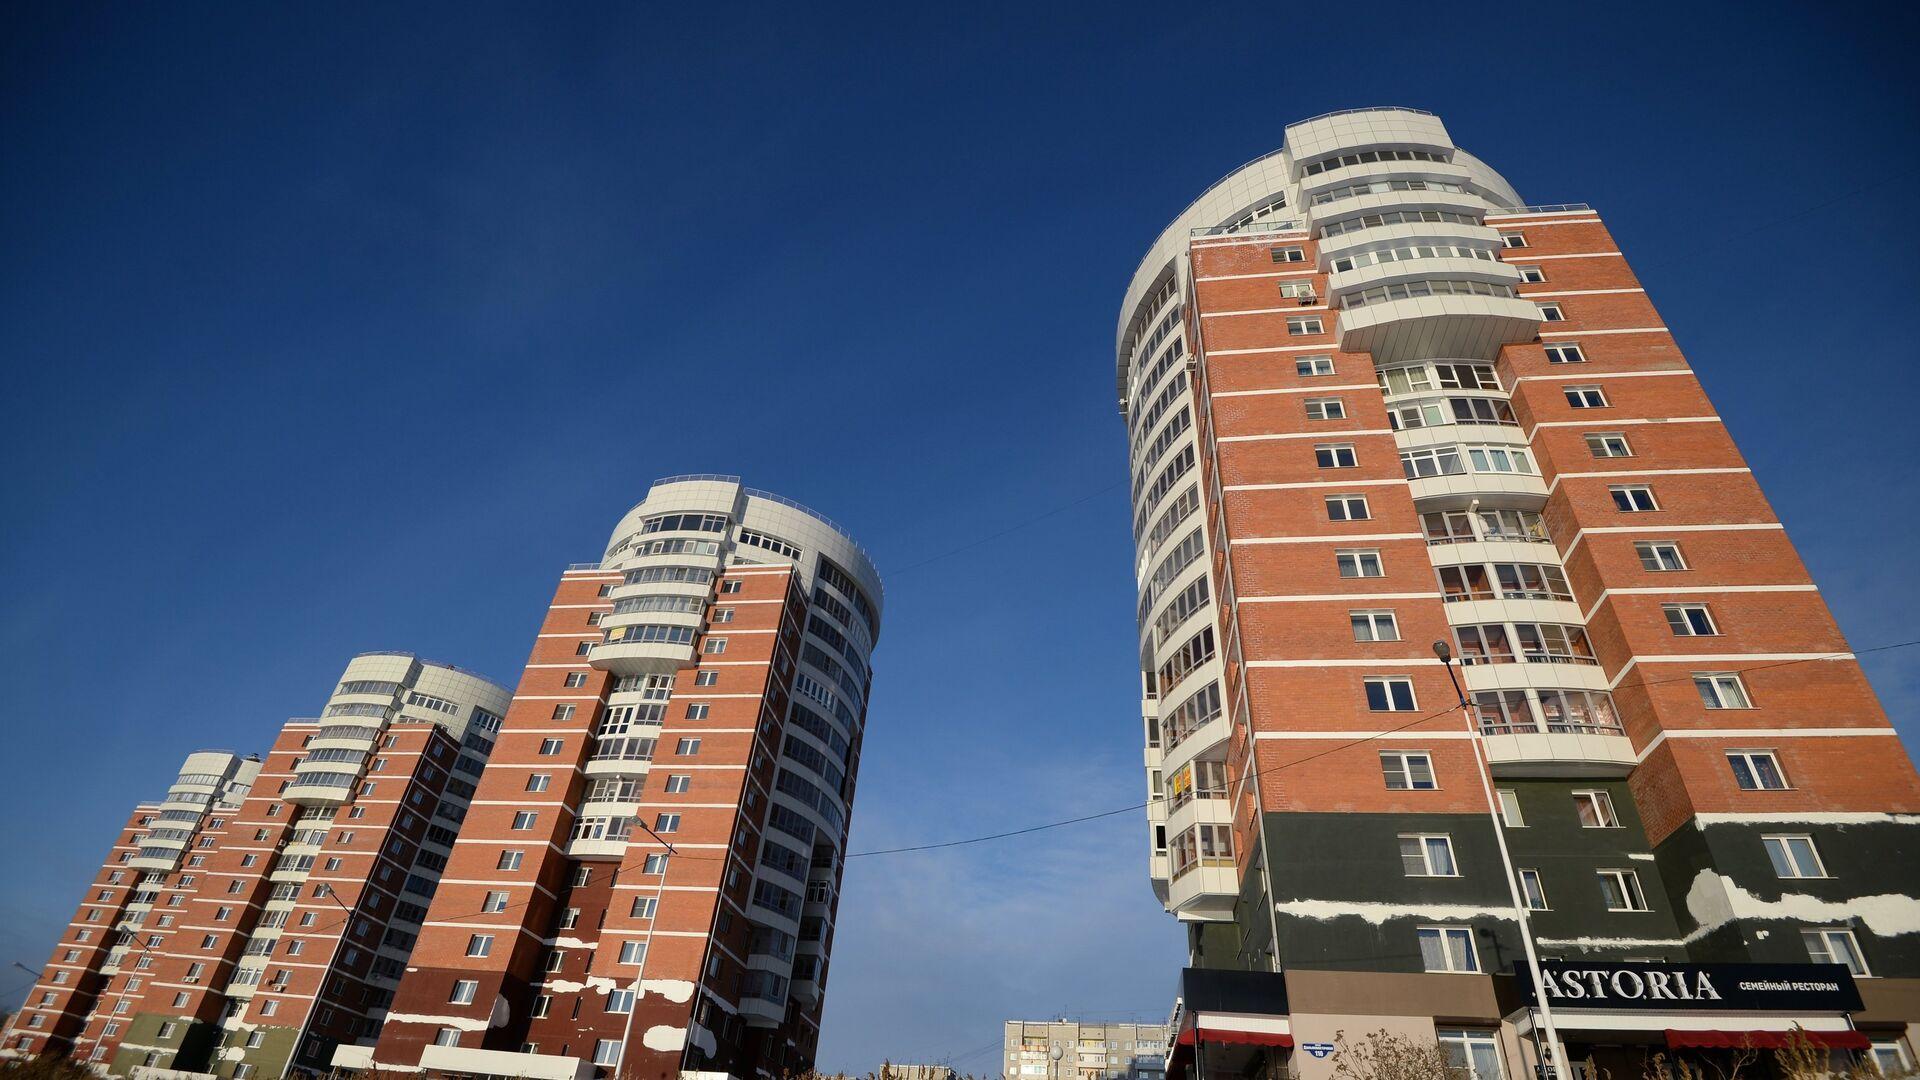 Жилые дома на верхней набережной реки Ангара в городе Иркутск - РИА Новости, 1920, 22.10.2020